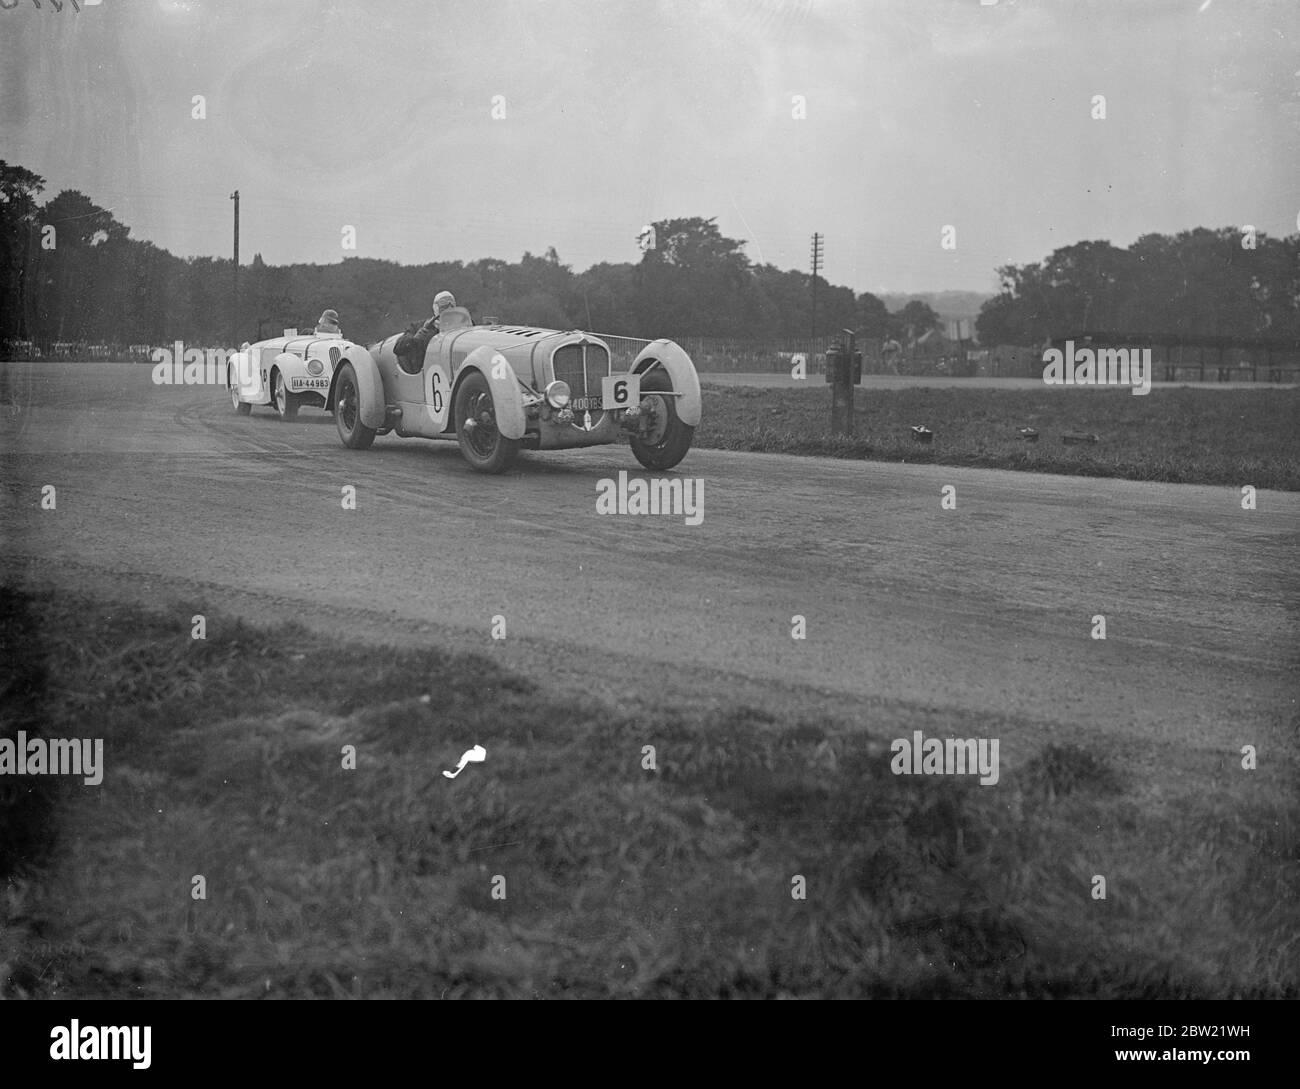 Un Delahaye français conduit par M.Mongin à la tête de la Frazer Nash conduit par A.E.F Fane, derrière est J.D Barnes. En Angleterre pour la première fois de son histoire, la course de Trophée touristique internationale du Royal automobile club a eu lieu sur le circuit de Donington Park Road, près de Derby. La seule femme qui couvrait le parcours de 310 miles était Mme A.C Dobson. 4 septembre 1937. Banque D'Images